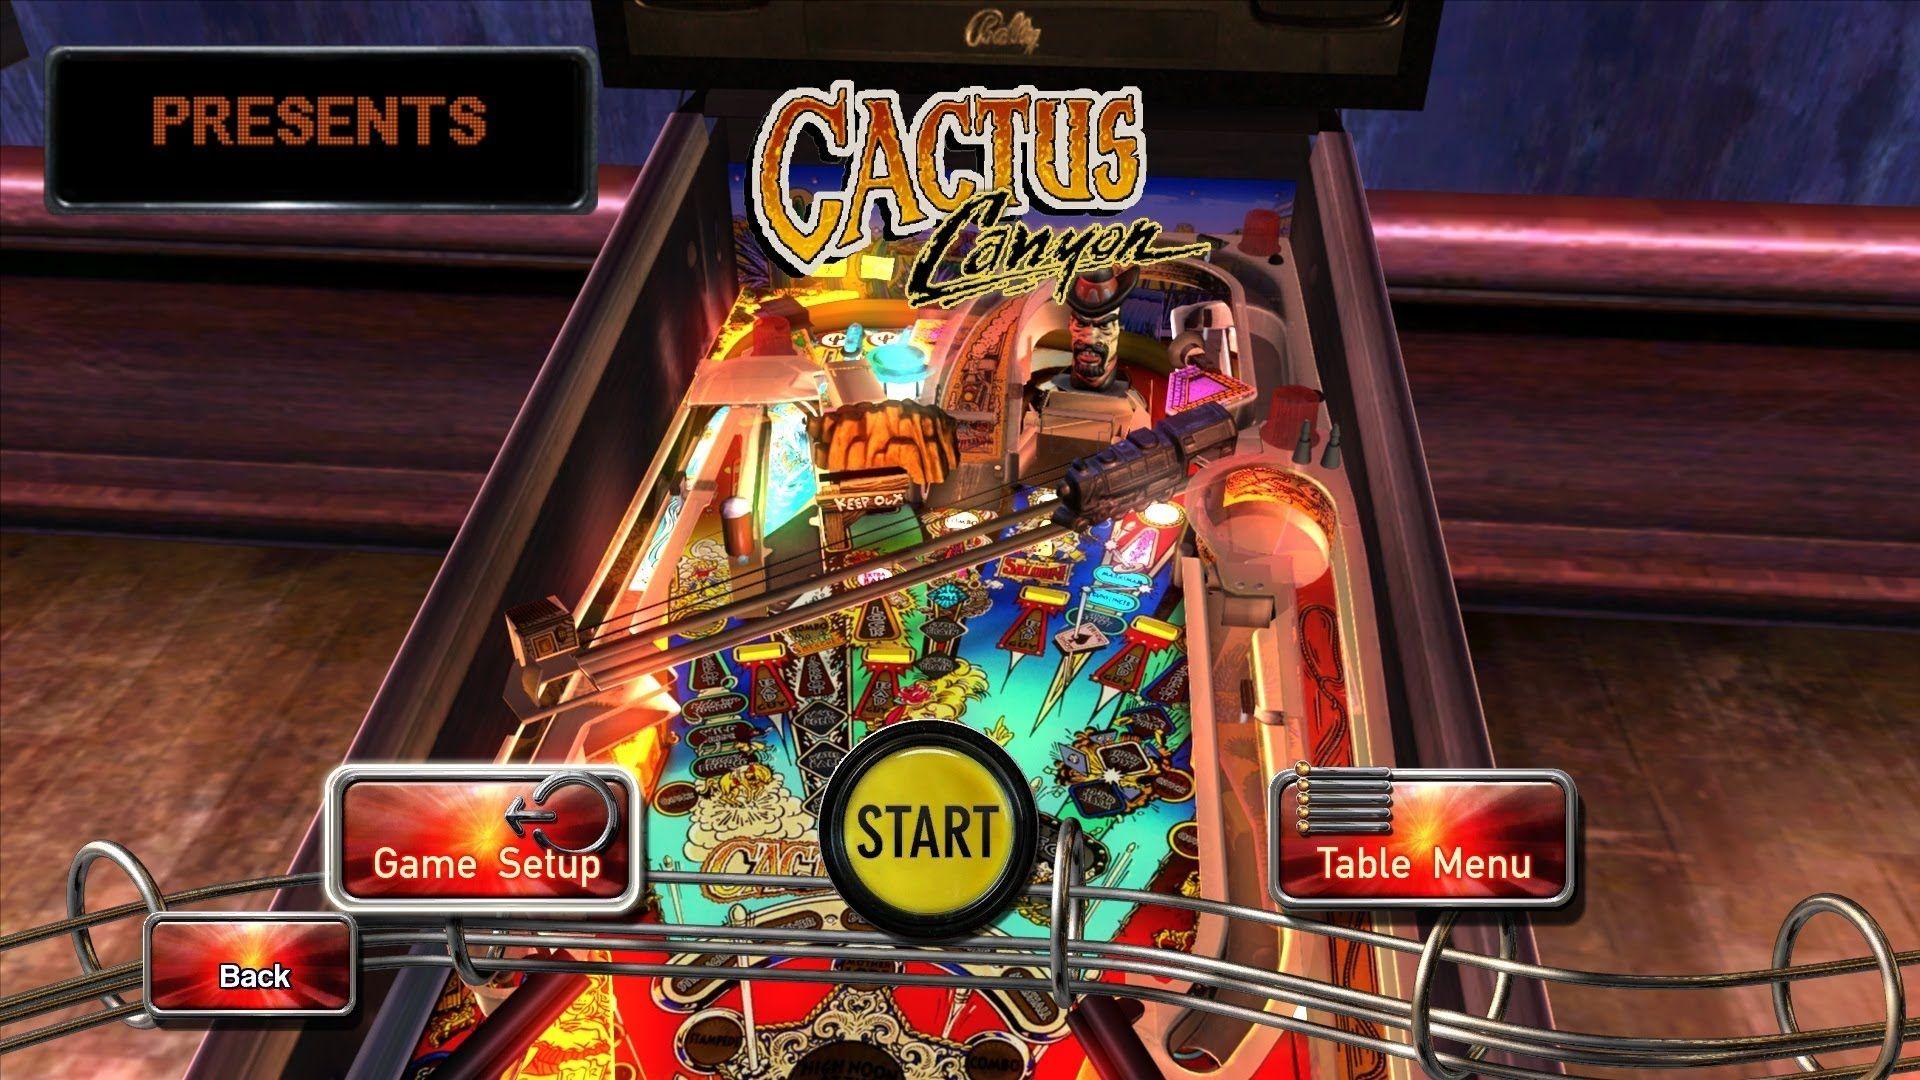 Review Pinball Arcade Cactus Canyon FelipeJuega Arcade